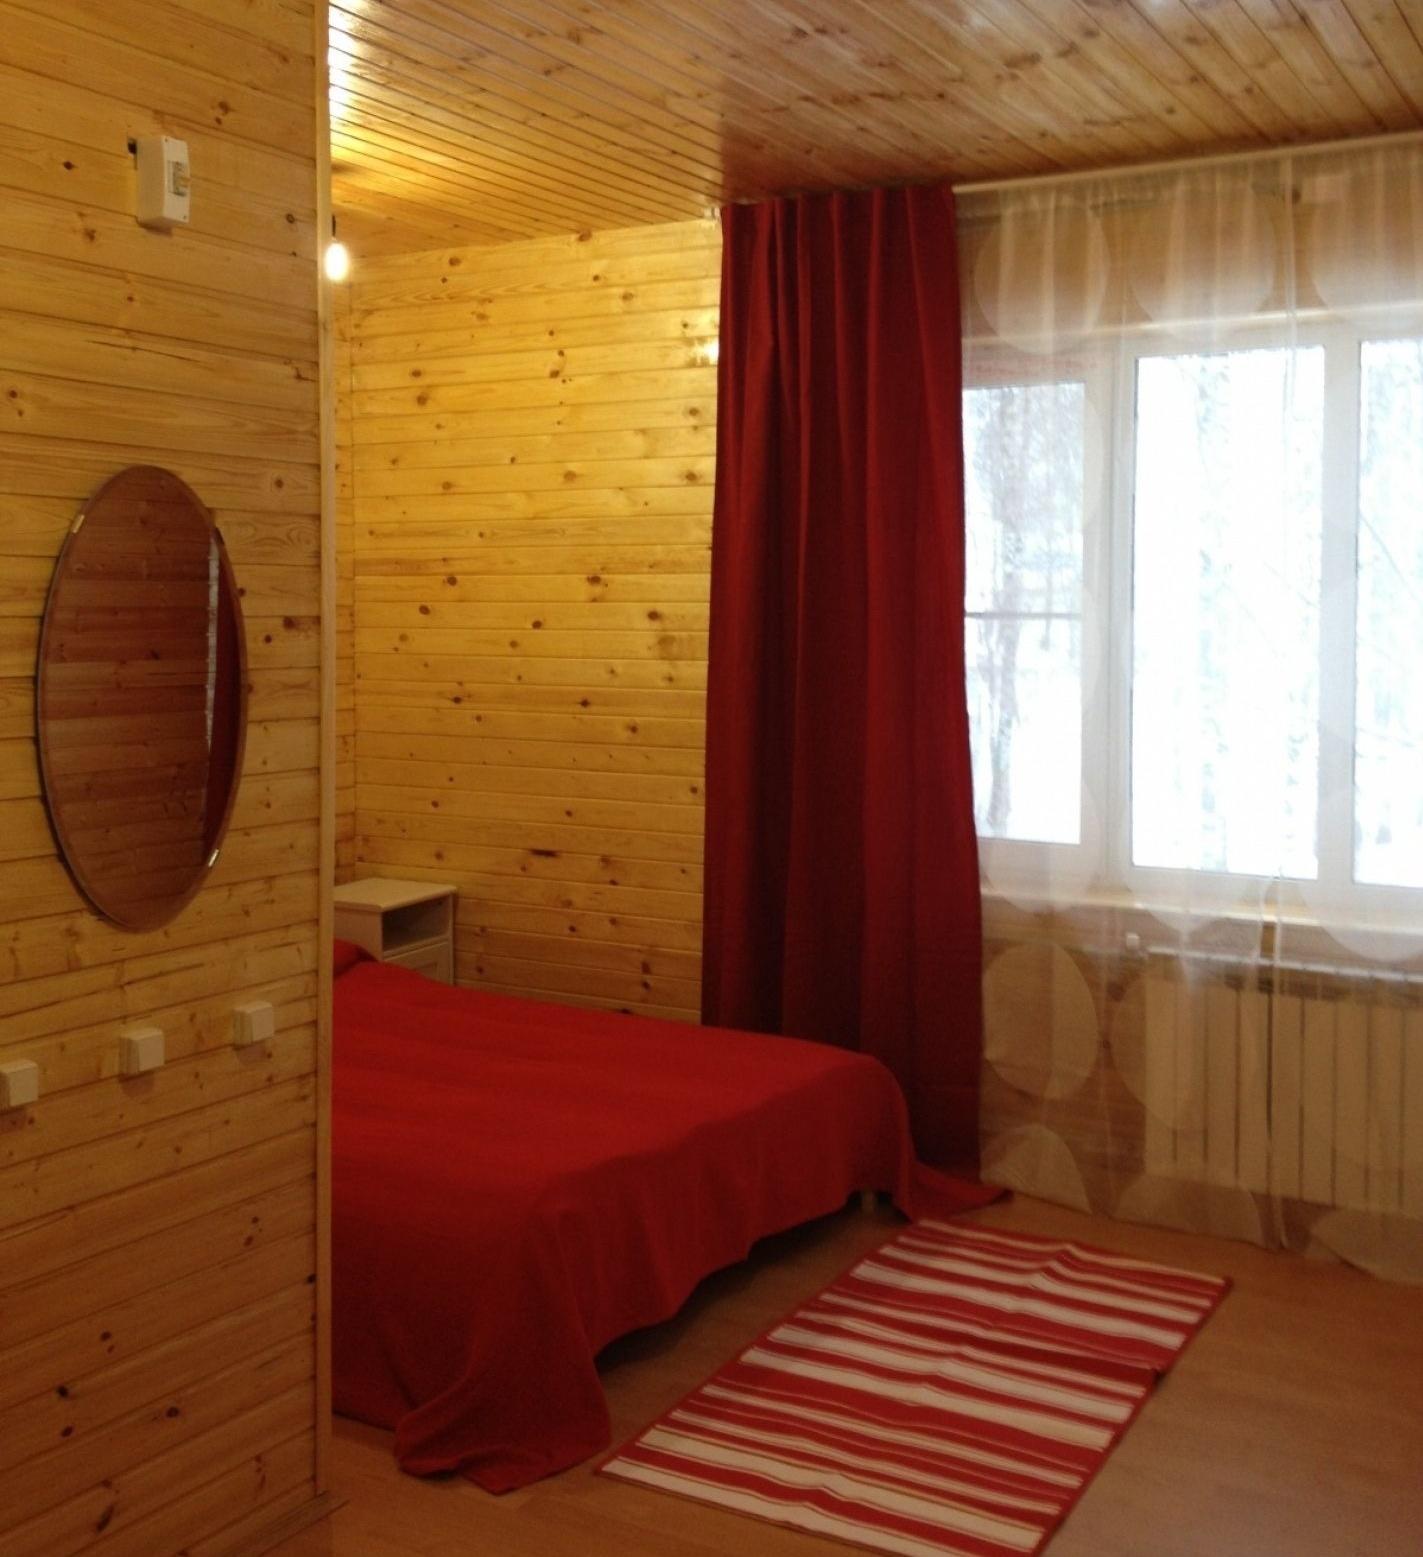 База отдыха «Хаски-хаус» Нижегородская область Номер «Стандарт» 2-местный, фото 4